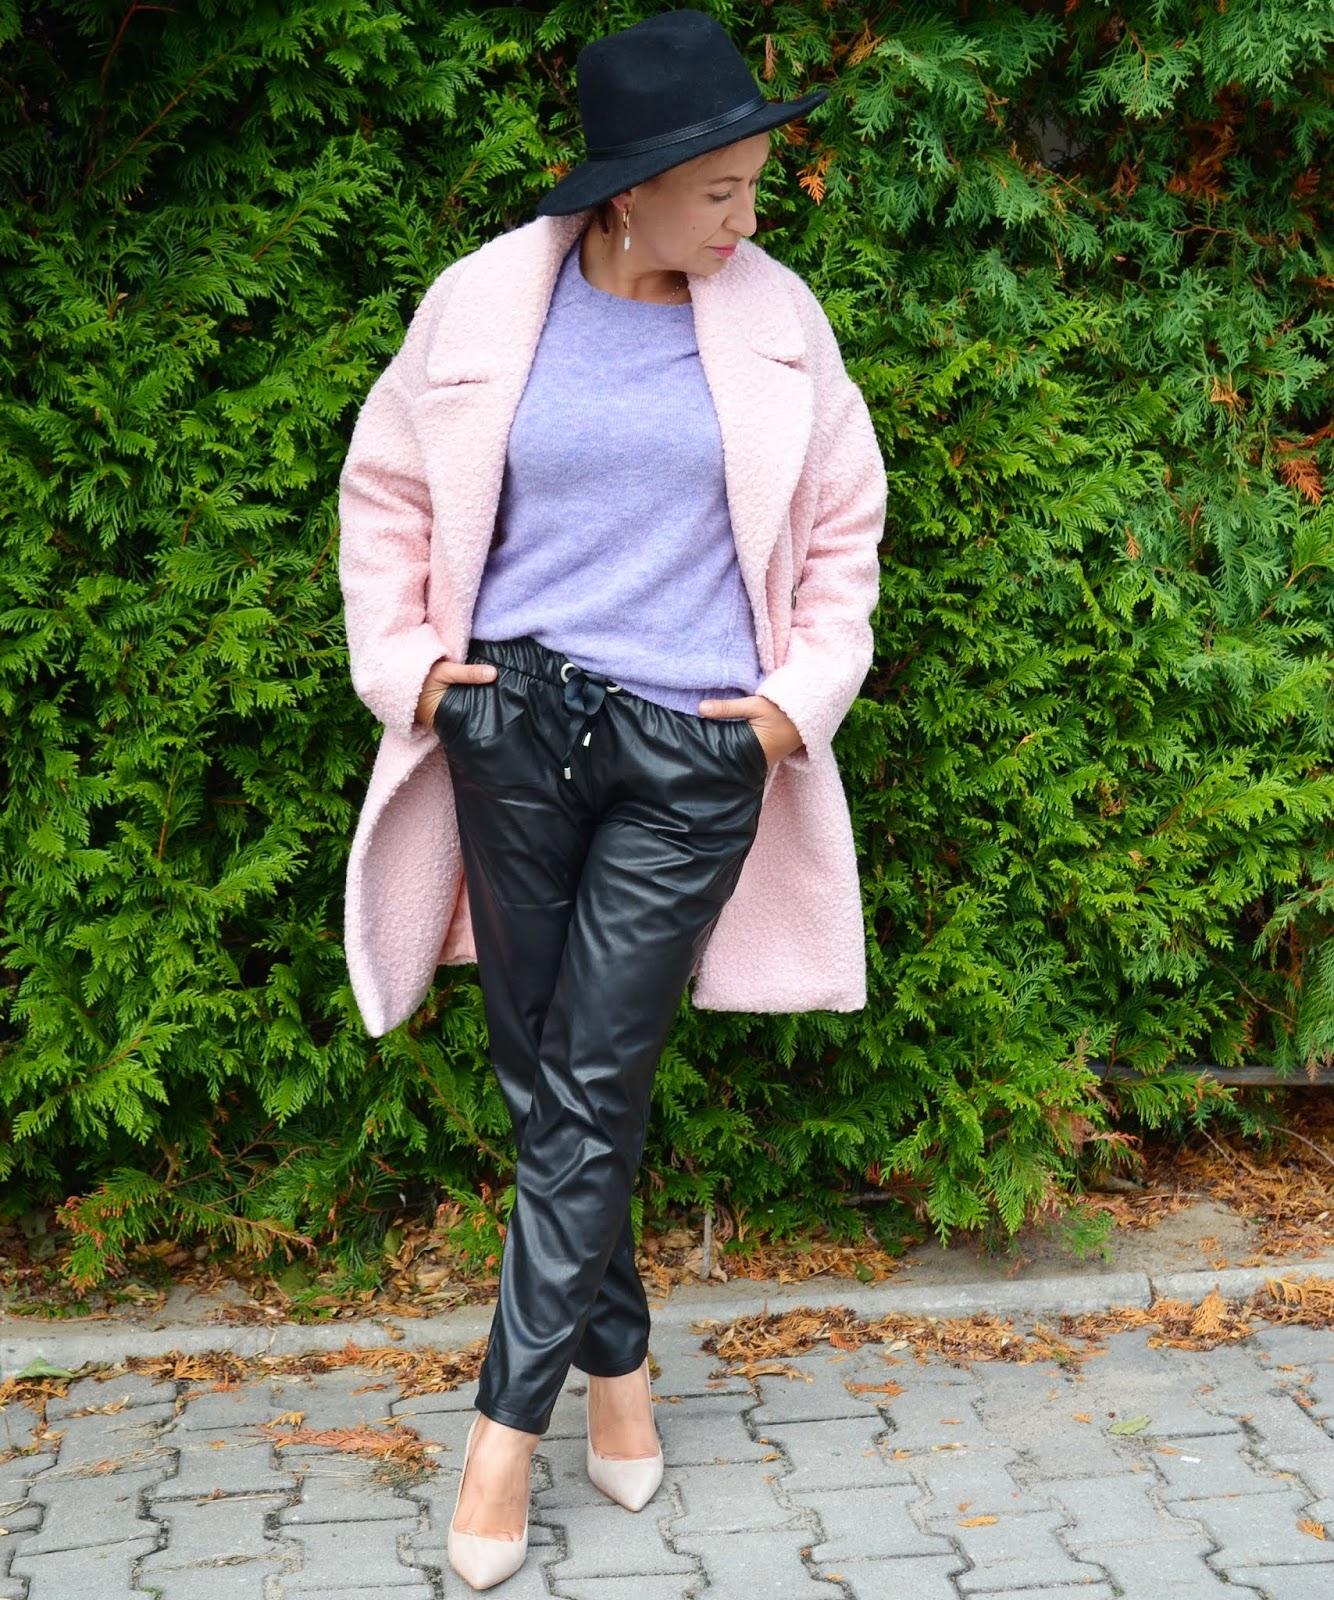 @adrianastyle_stylist, www.adriana-style.com, top outfits of 2019, Najlepsze stylizacje roku 2019, ranking stylizacji, outfits of the month, stylizacje miesiąca, moda, fashion